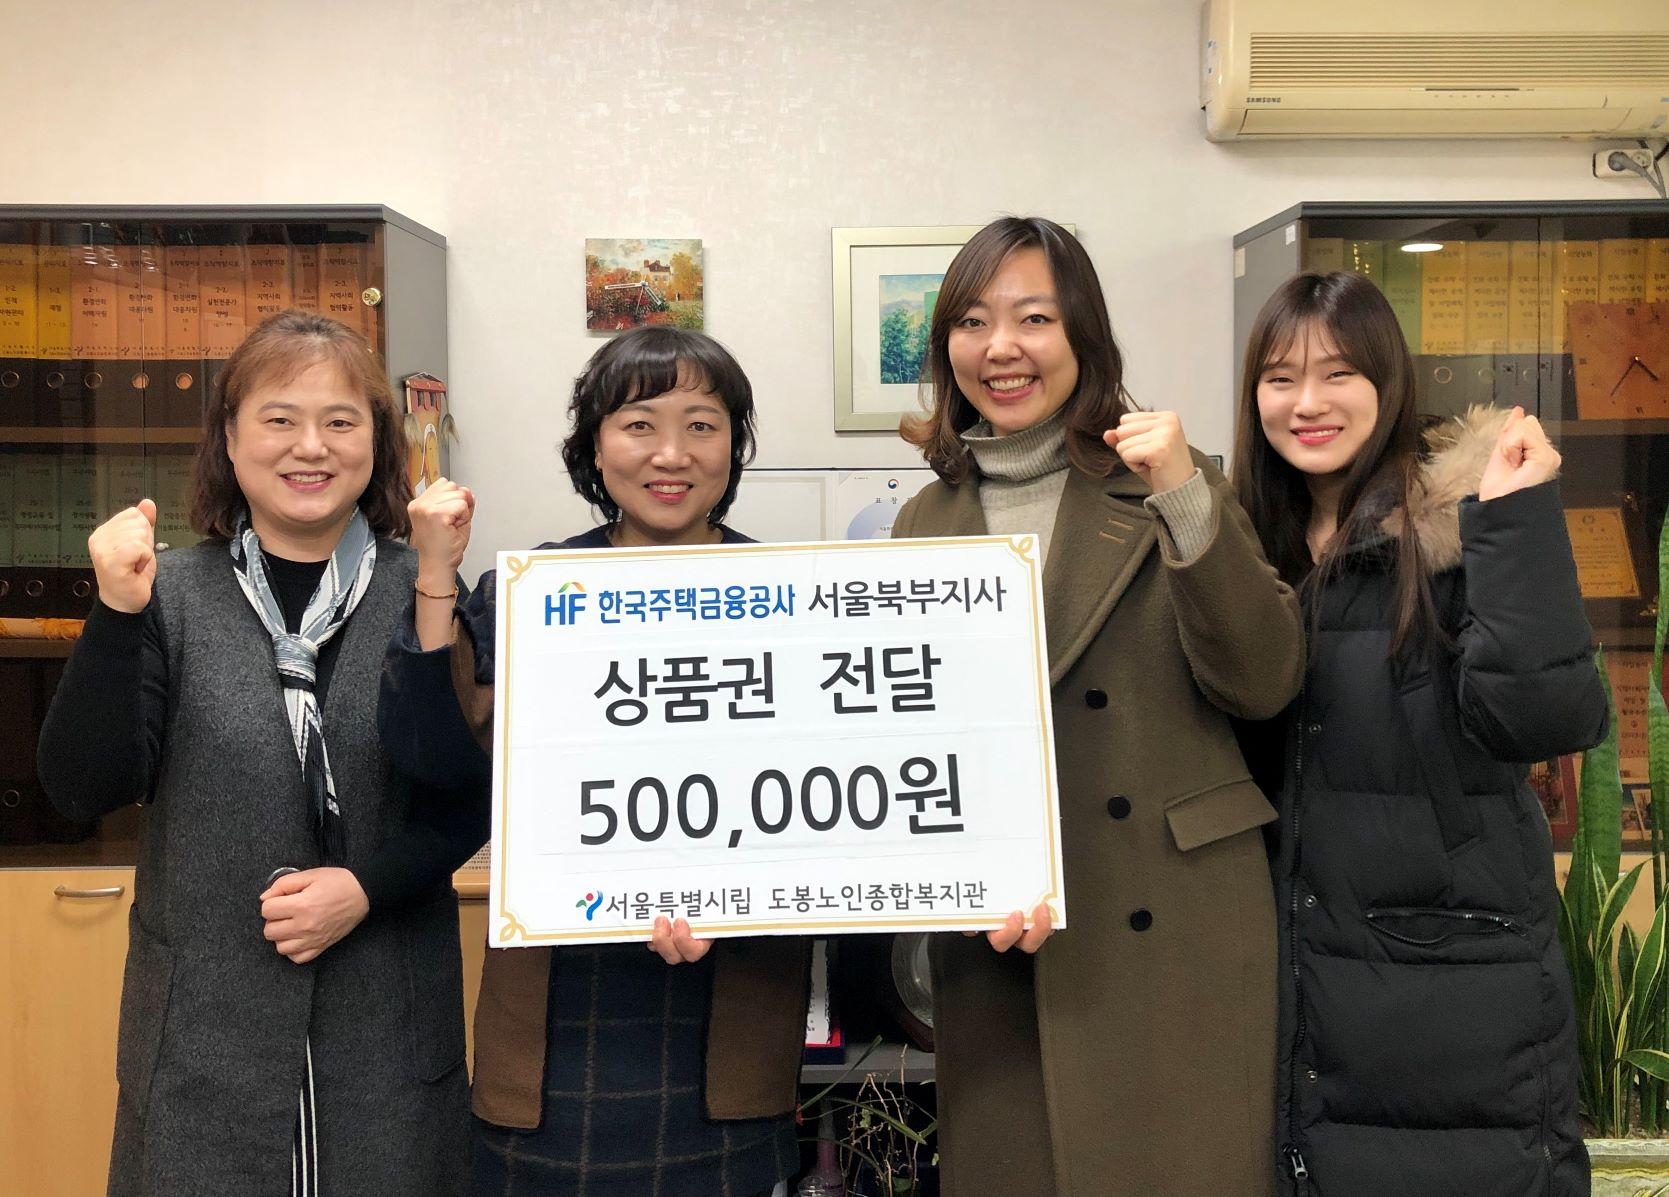 한국주택금융공사 서울북부지사 전달식 사진.jpg